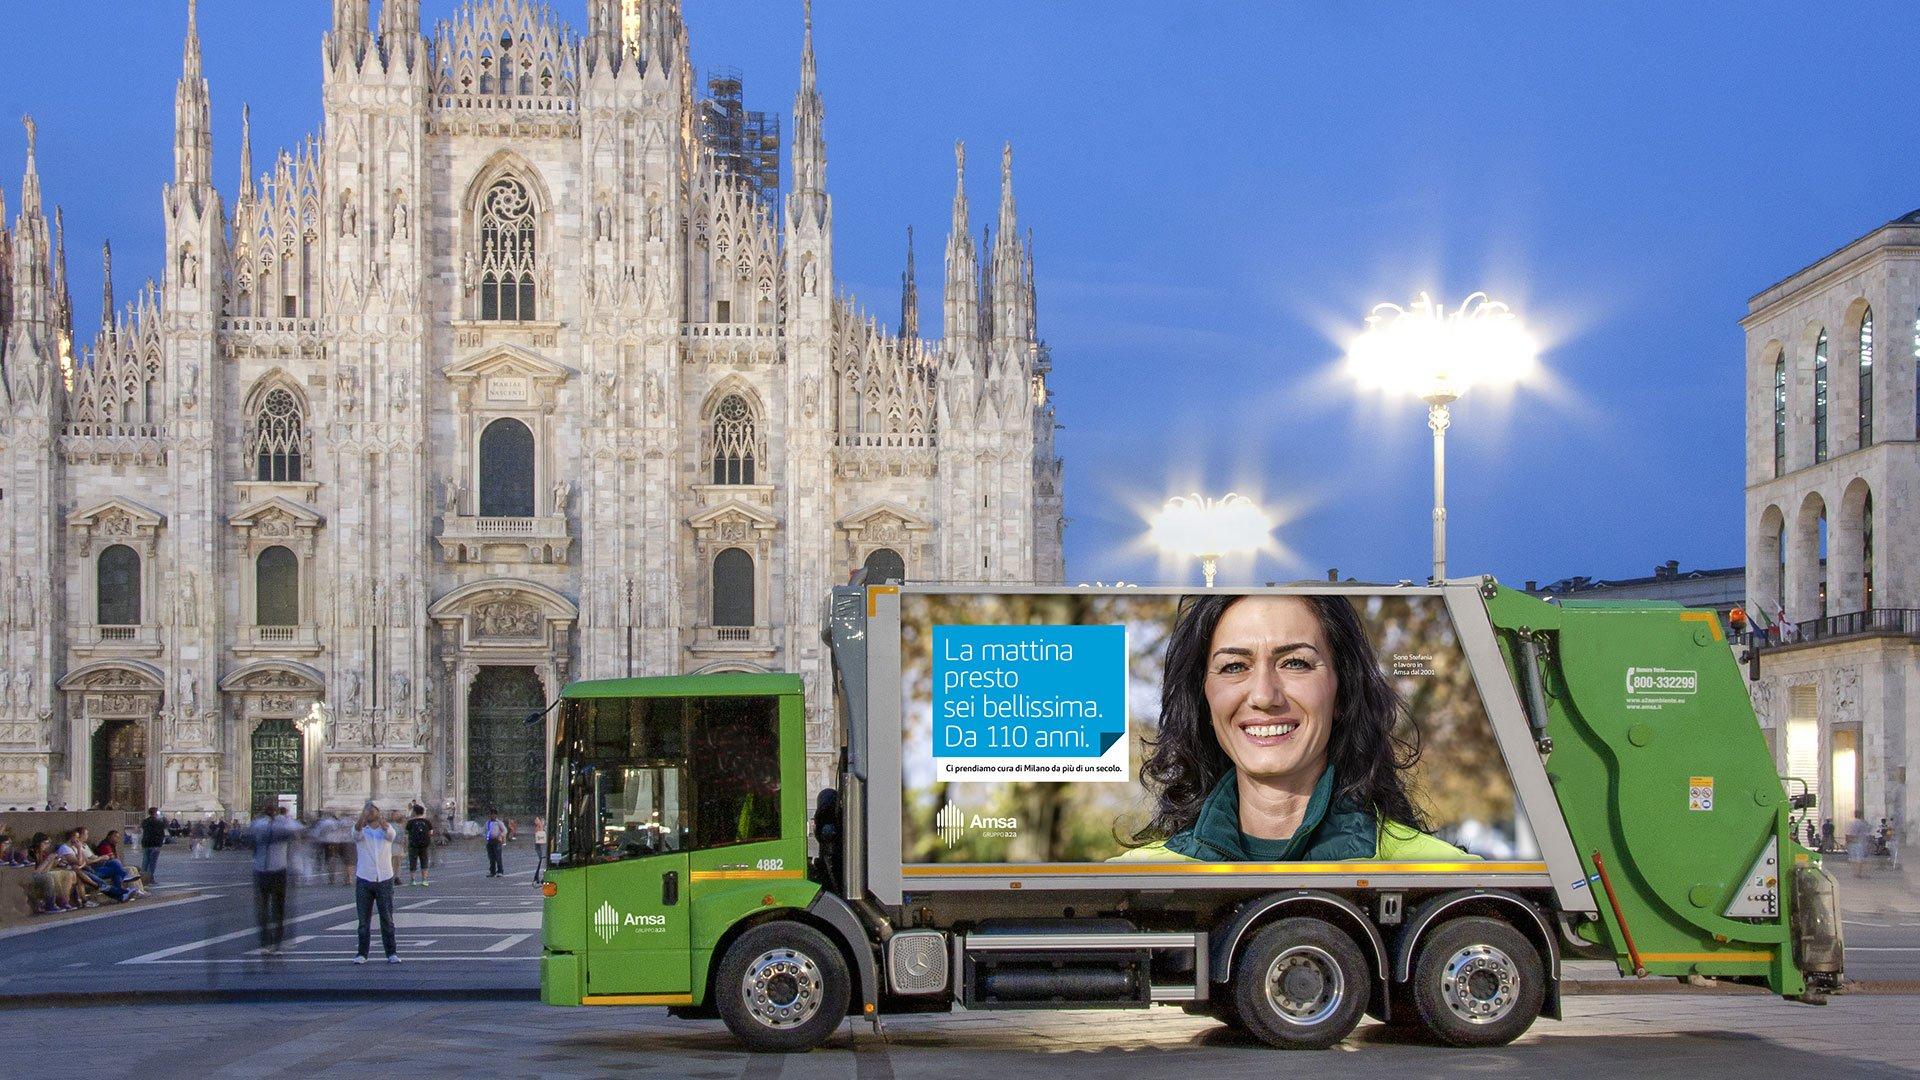 Campagna adv su automezzo Amsa in Piazza Duomo